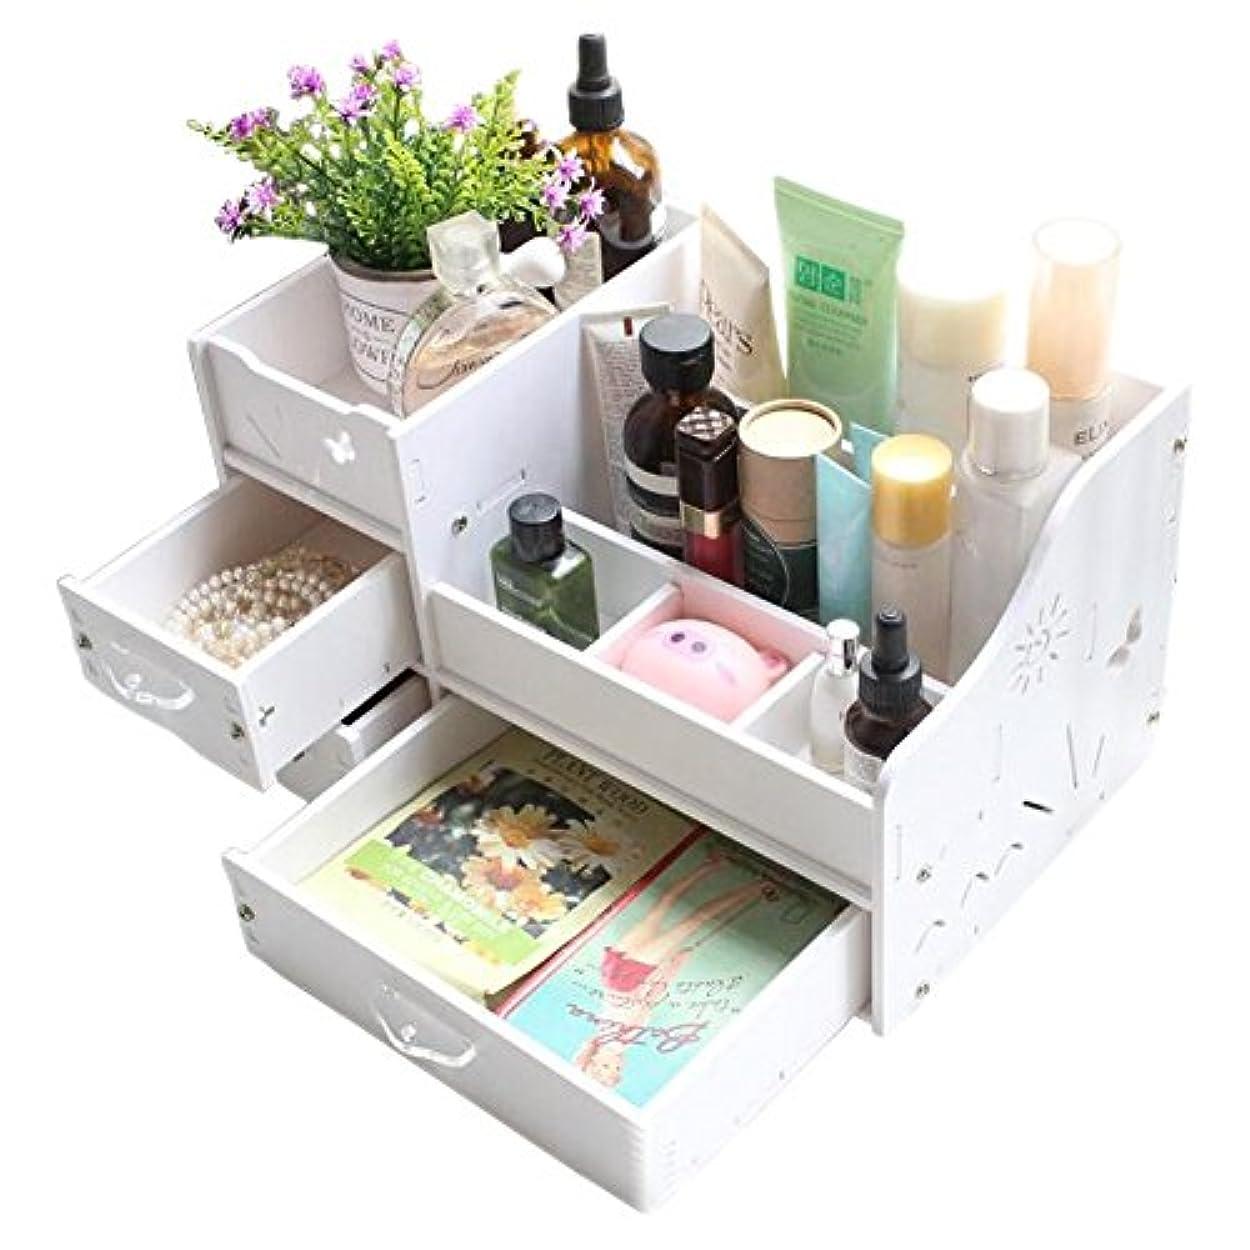 に対して描写チャットINANA 収納ボックス メイクボックス コスメボックス ジュエリー ボックス アクセサリー ケース 収納 雑貨 小物入れ 化粧道具入れ 化粧品収納 便利 (ホワイト)